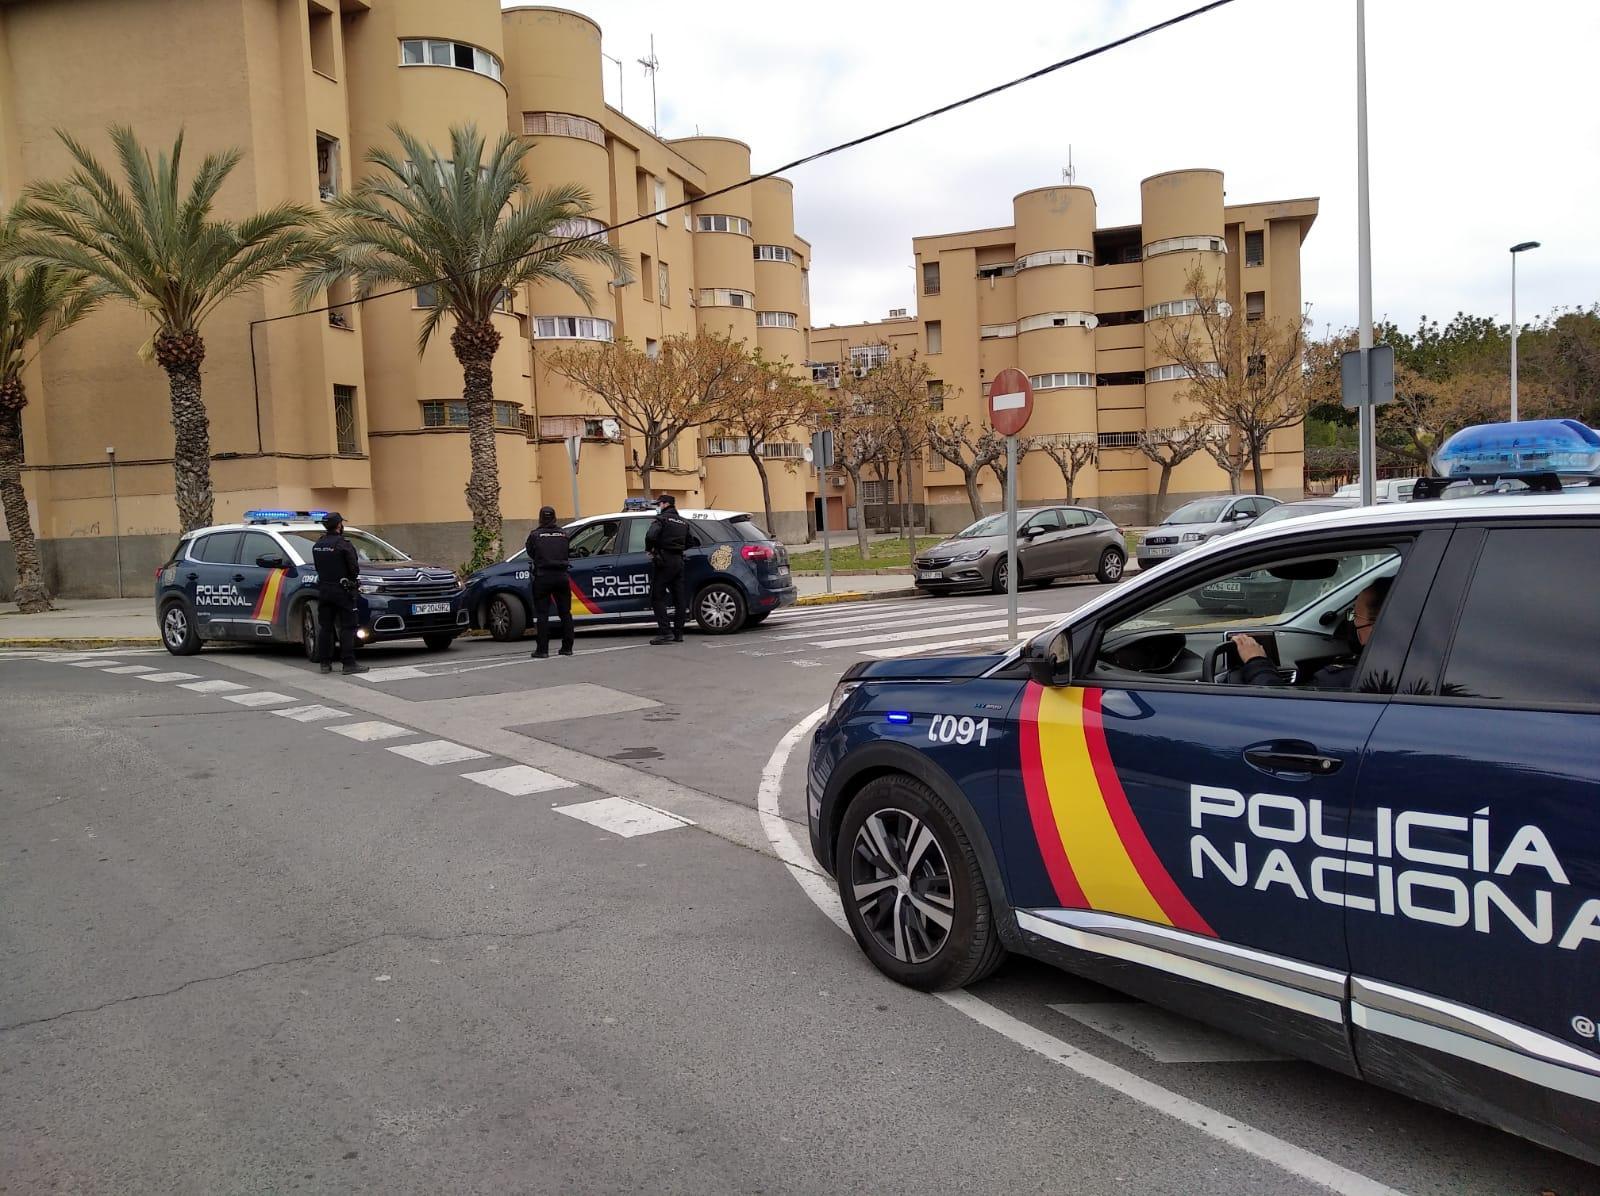 Policía Nacional barrio Palmerales Esto es Elche